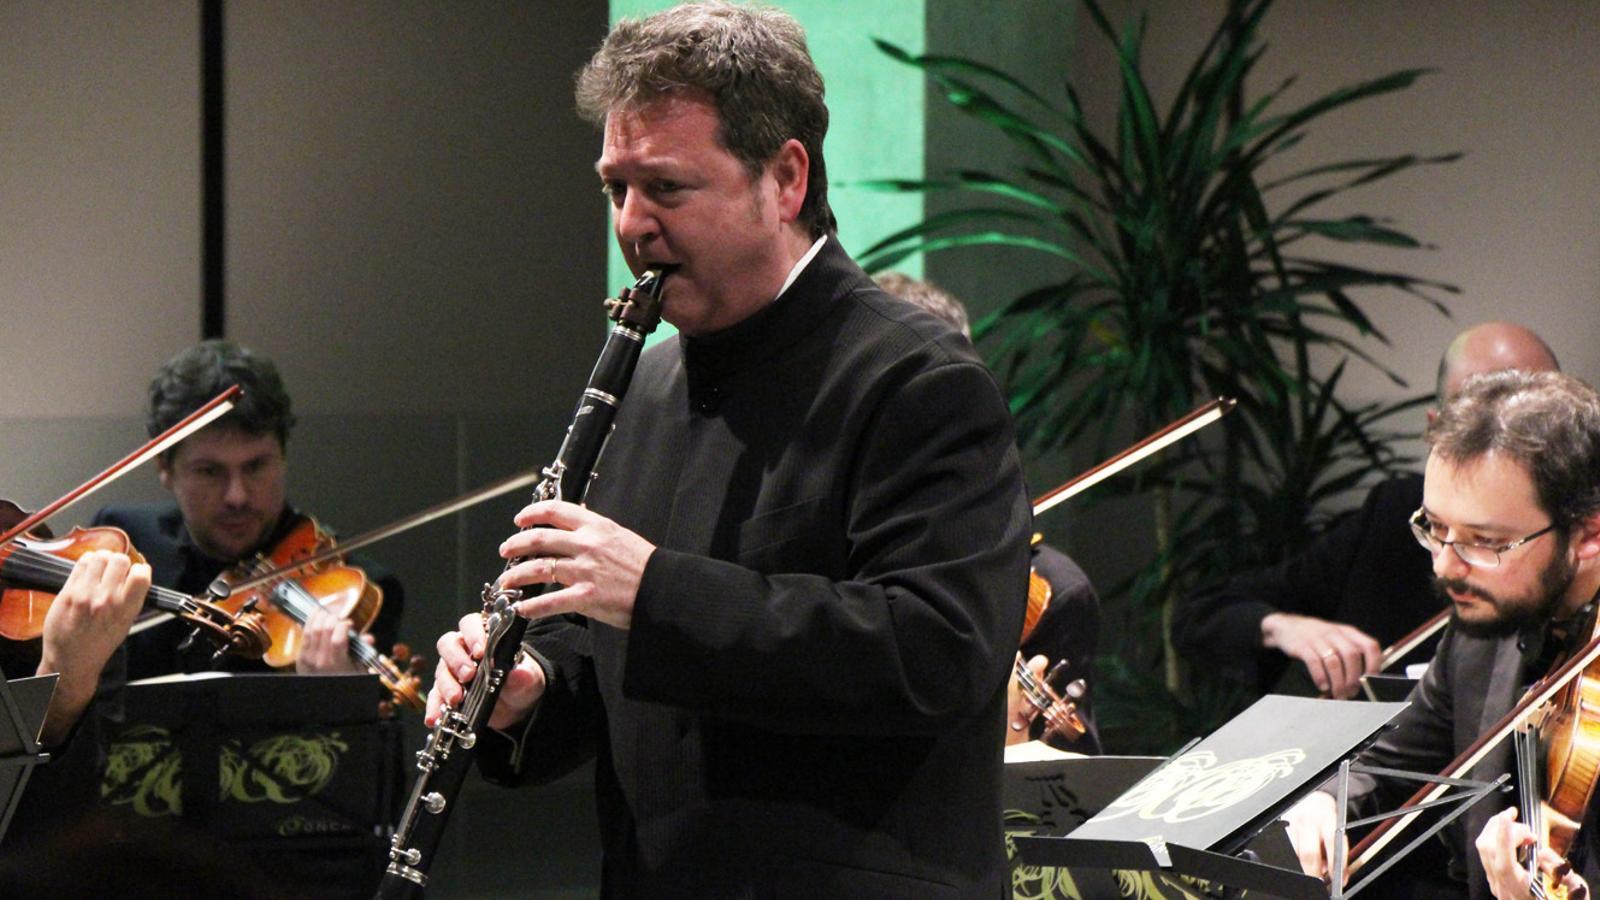 El clarinetista Joan Enric Lluna ha actuat amb l'ONCA aquest dissabte al vespre, al vestíbul del Consell General. / E. J. M. (ANA)